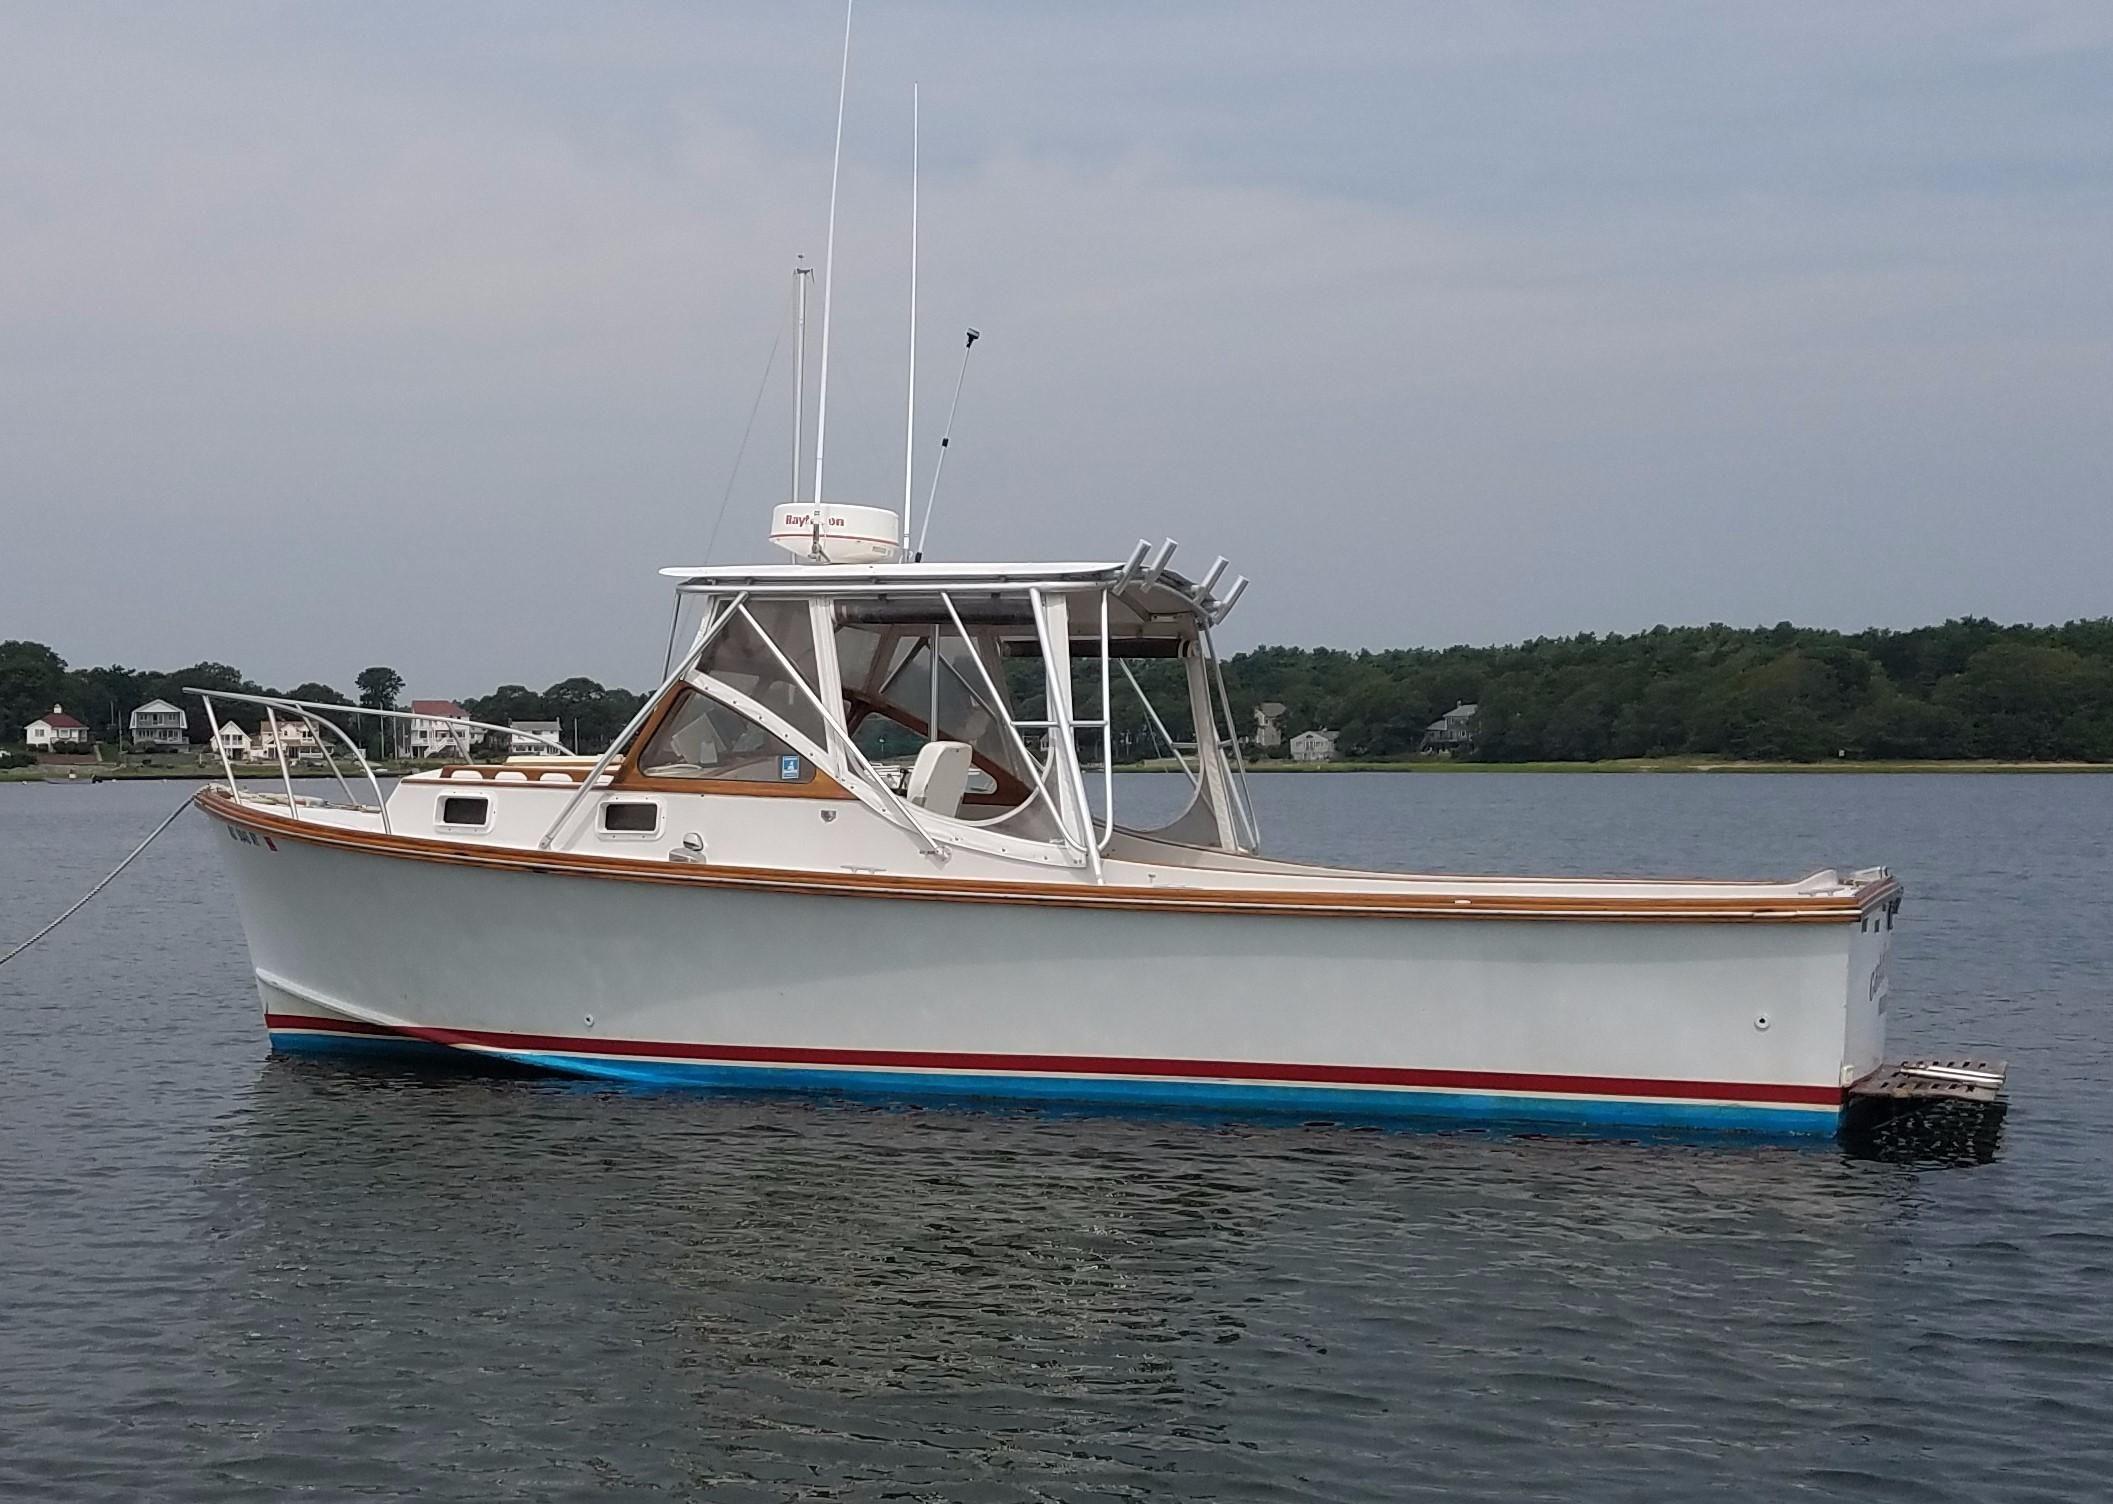 1979 Fortier 26 Hardtop Power Boat For Sale - www ...